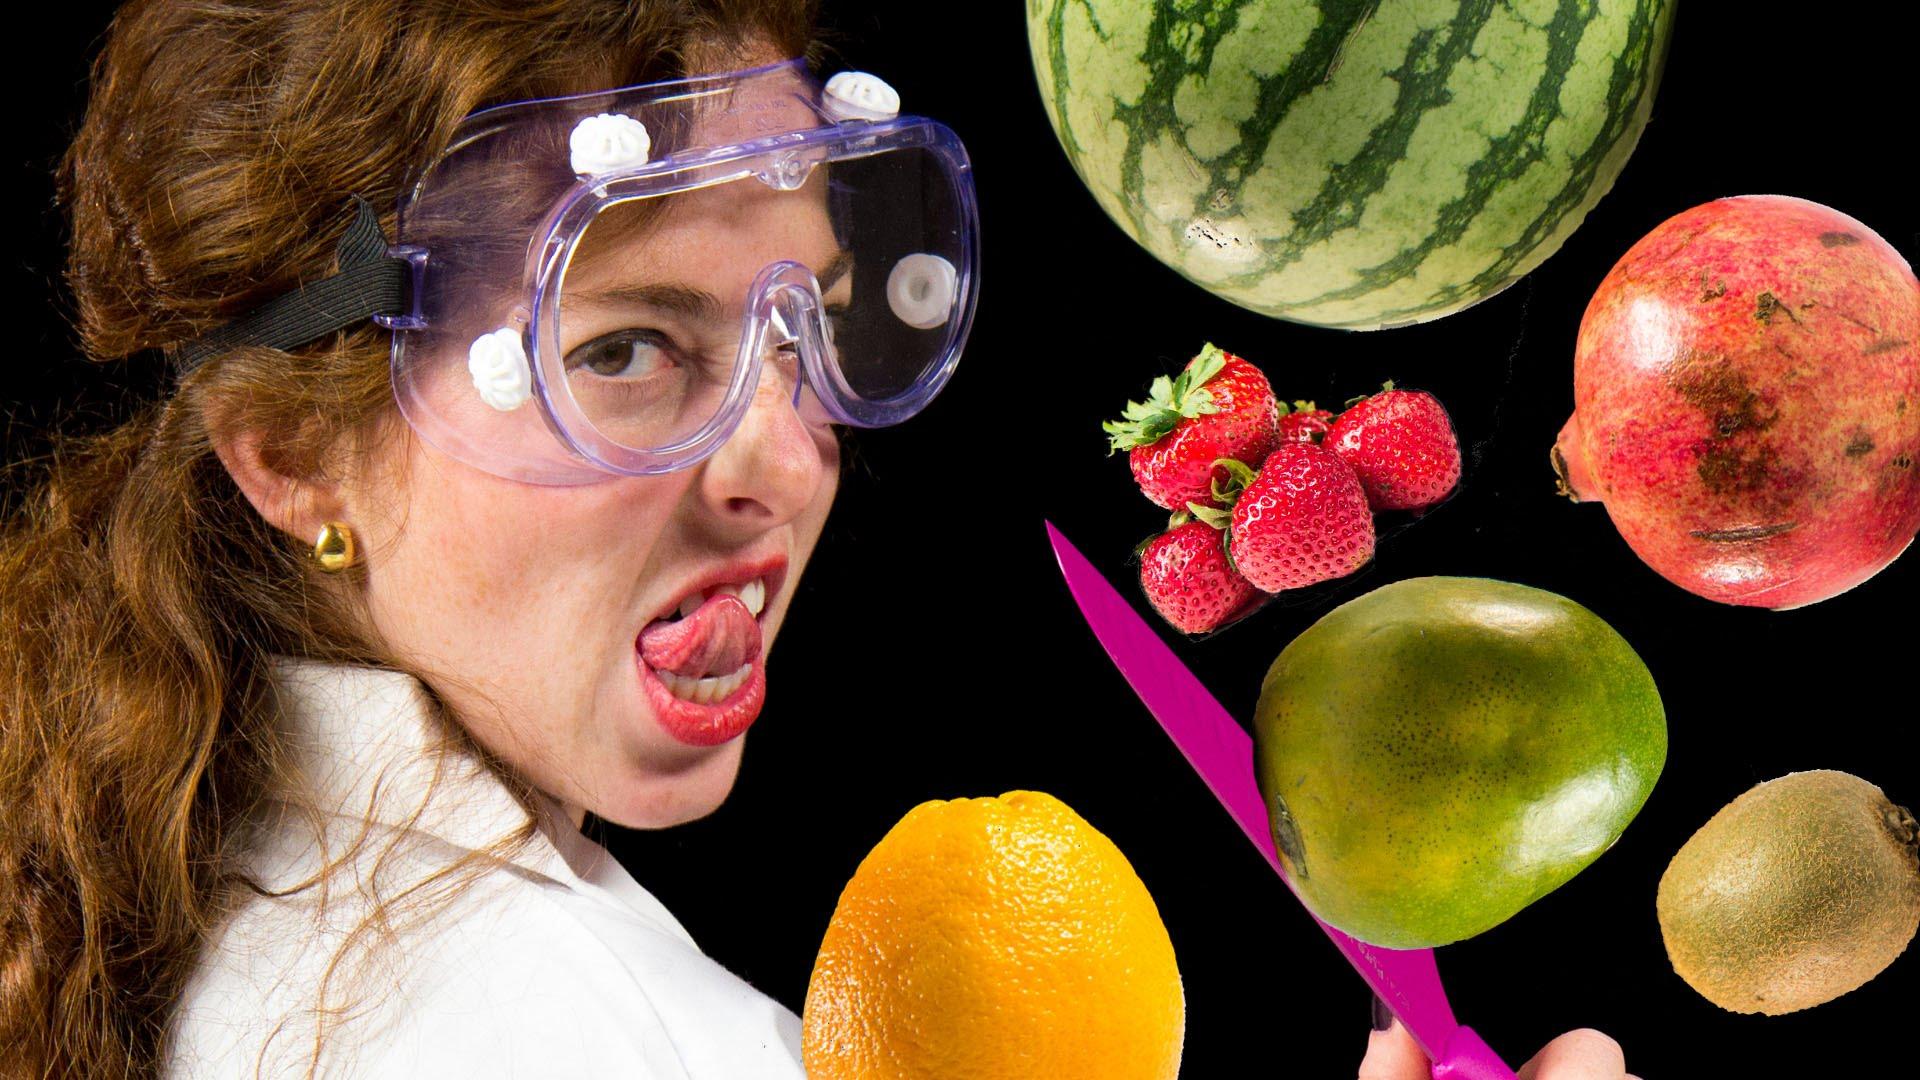 بالفيديو: 6 أنواع من الفواكه كنت تتناولها بشكل خاطئ